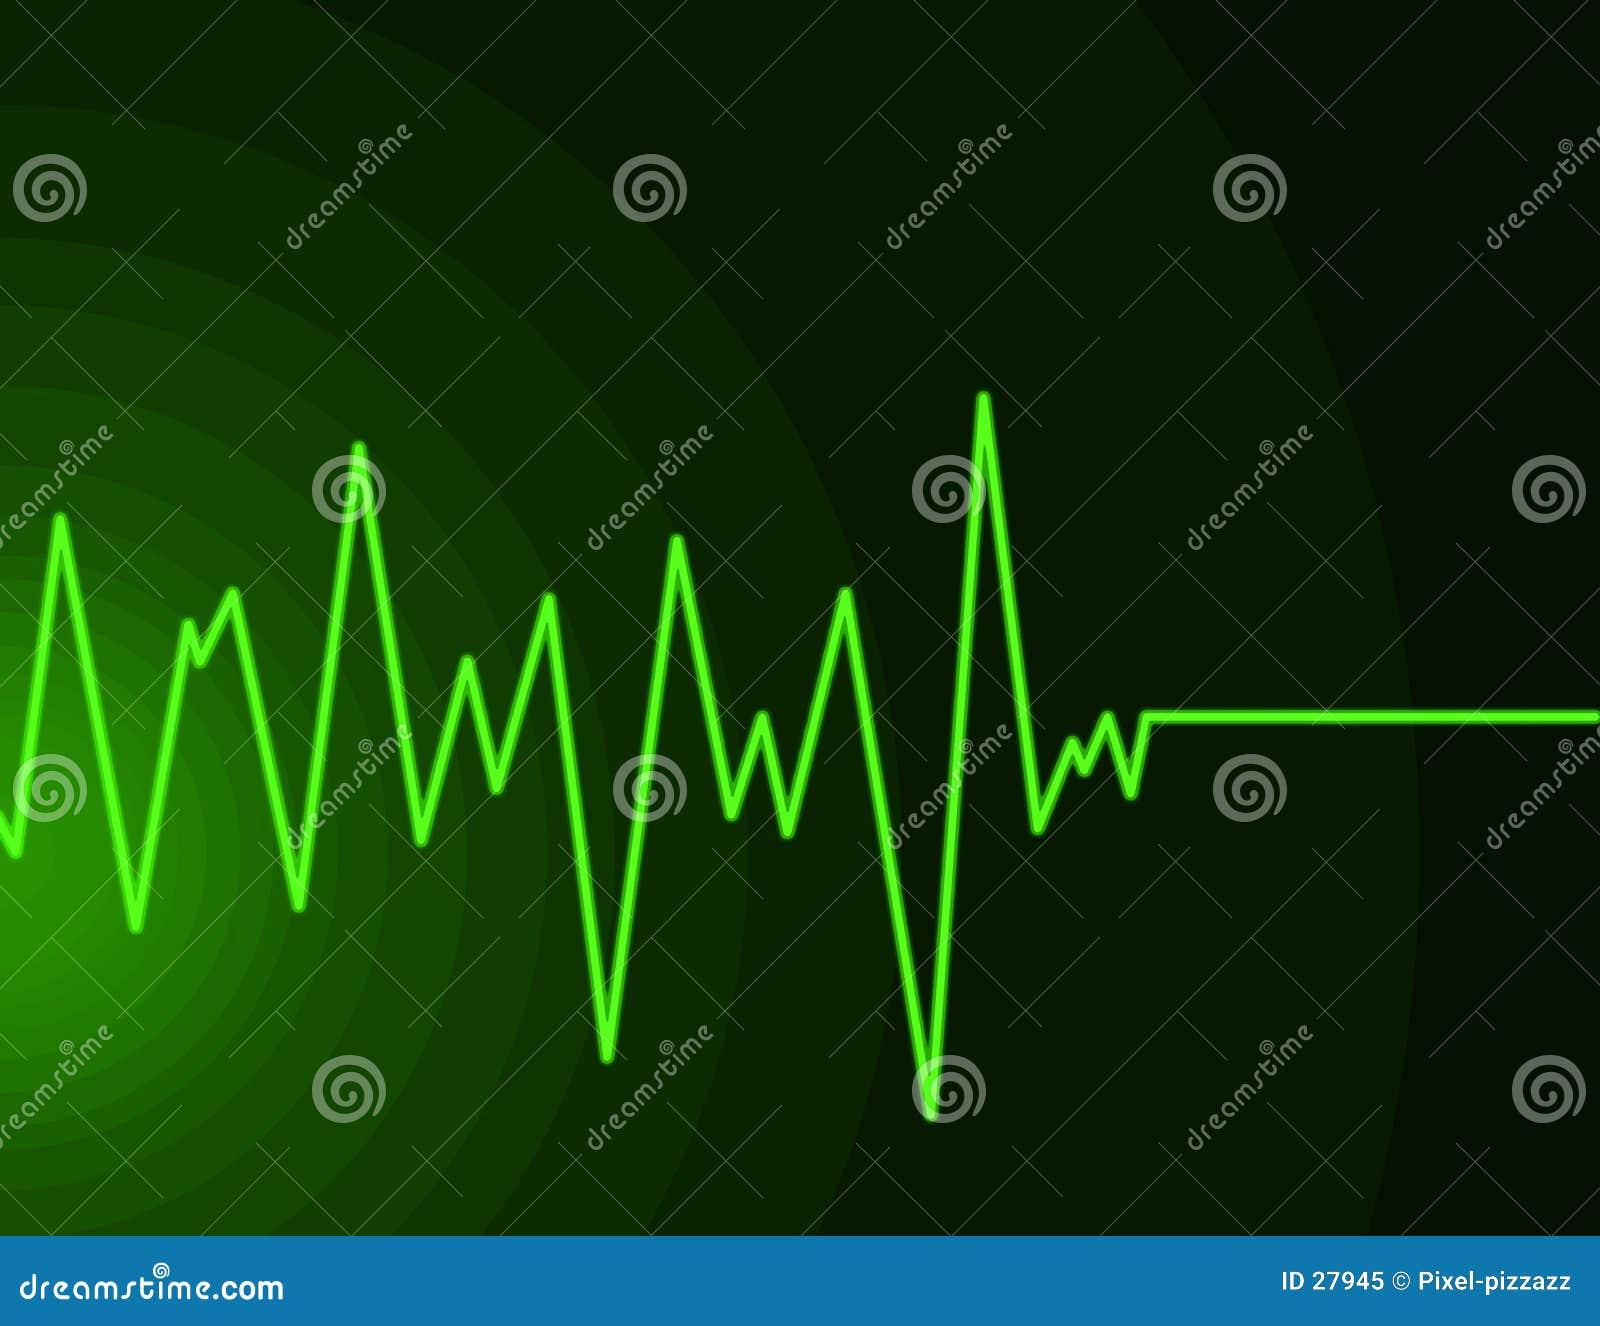 Download Onda De Radio - Verde Del Neón Stock de ilustración - Ilustración de tarifa, paginación: 27945